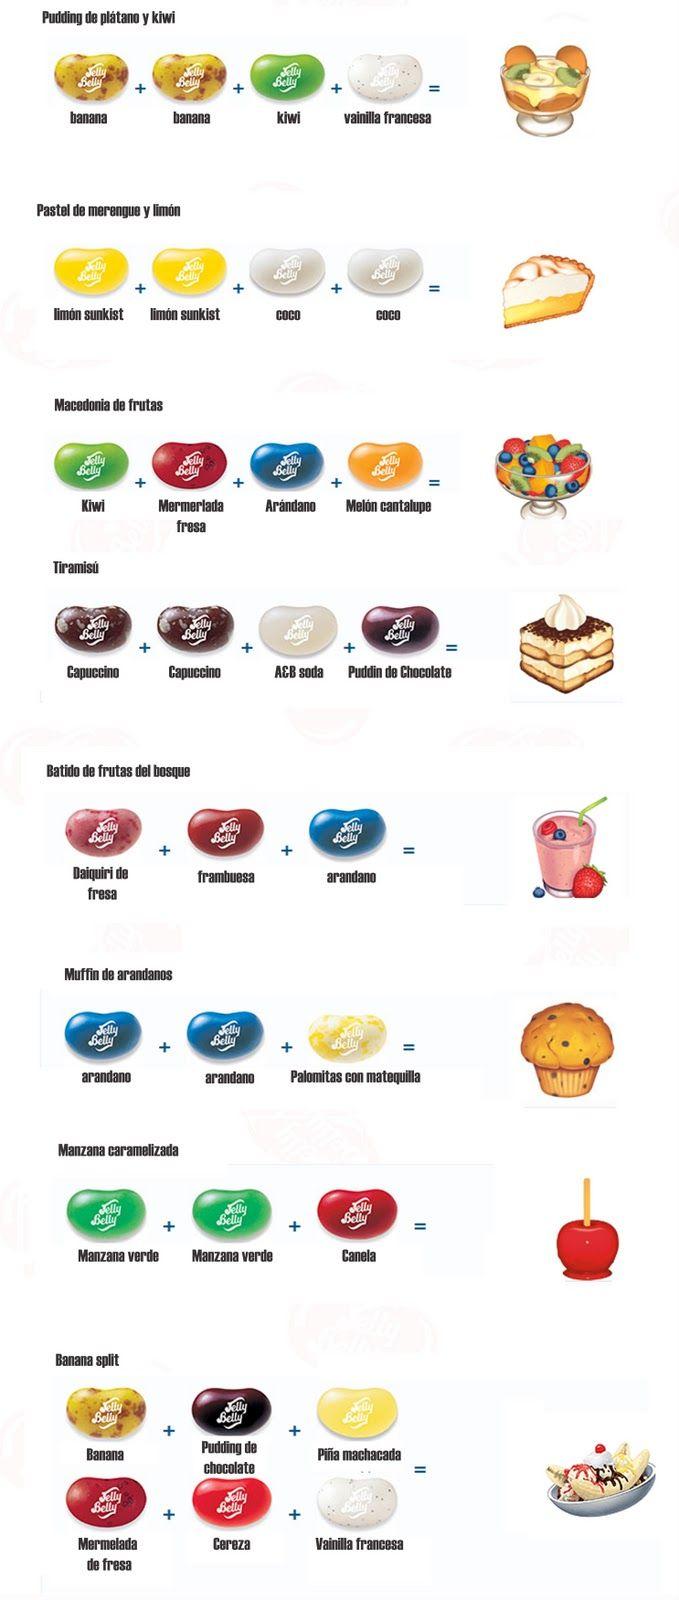 jelly belly recipes  Jelly belly recipes, Jelly belly beans